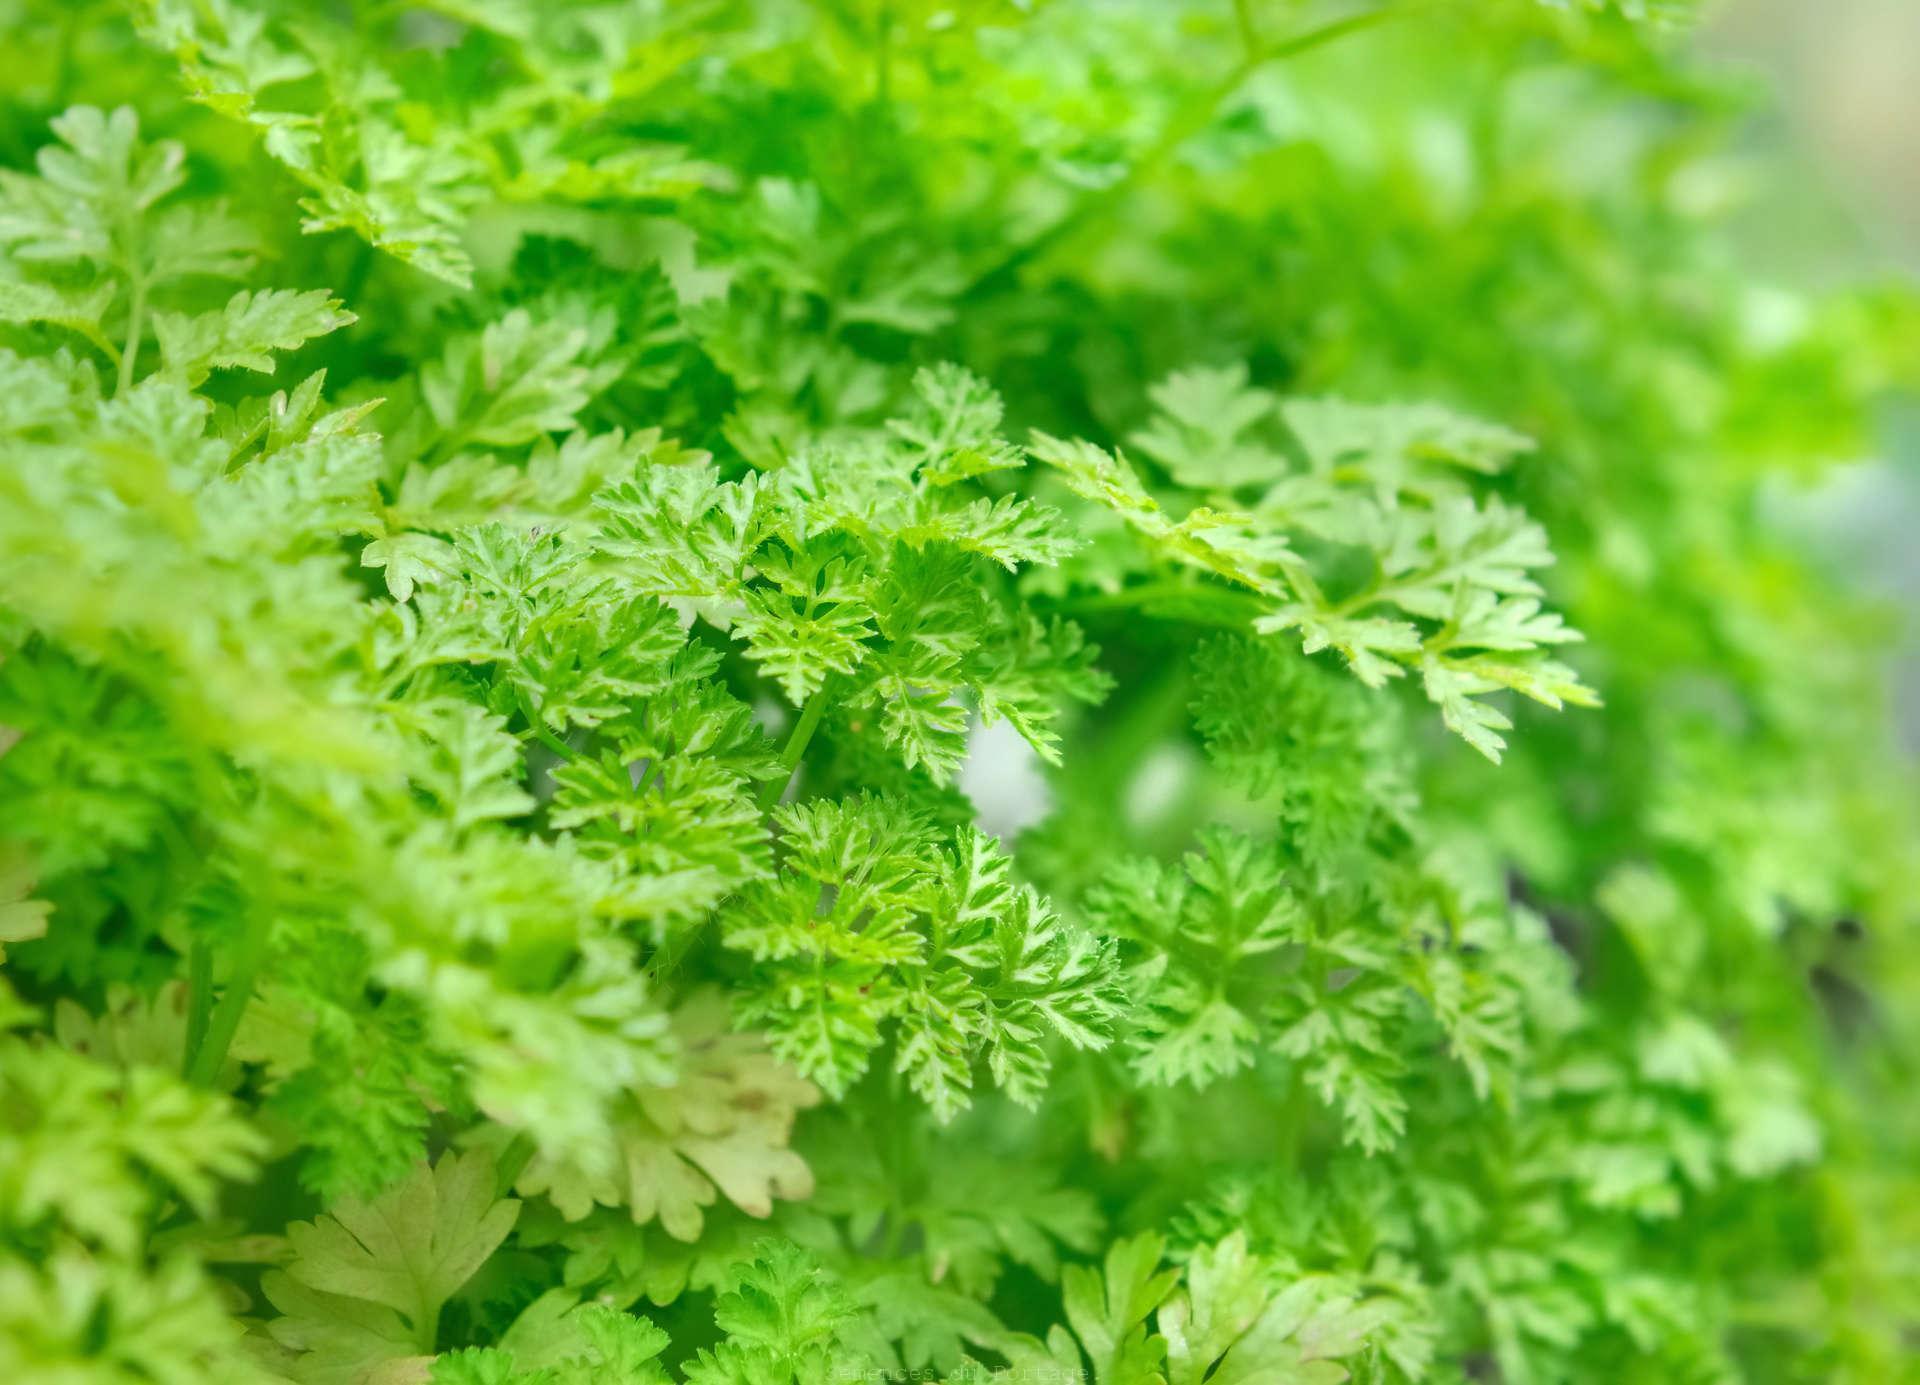 Cerfeuil semences du portage for Catalogue de plantes en ligne